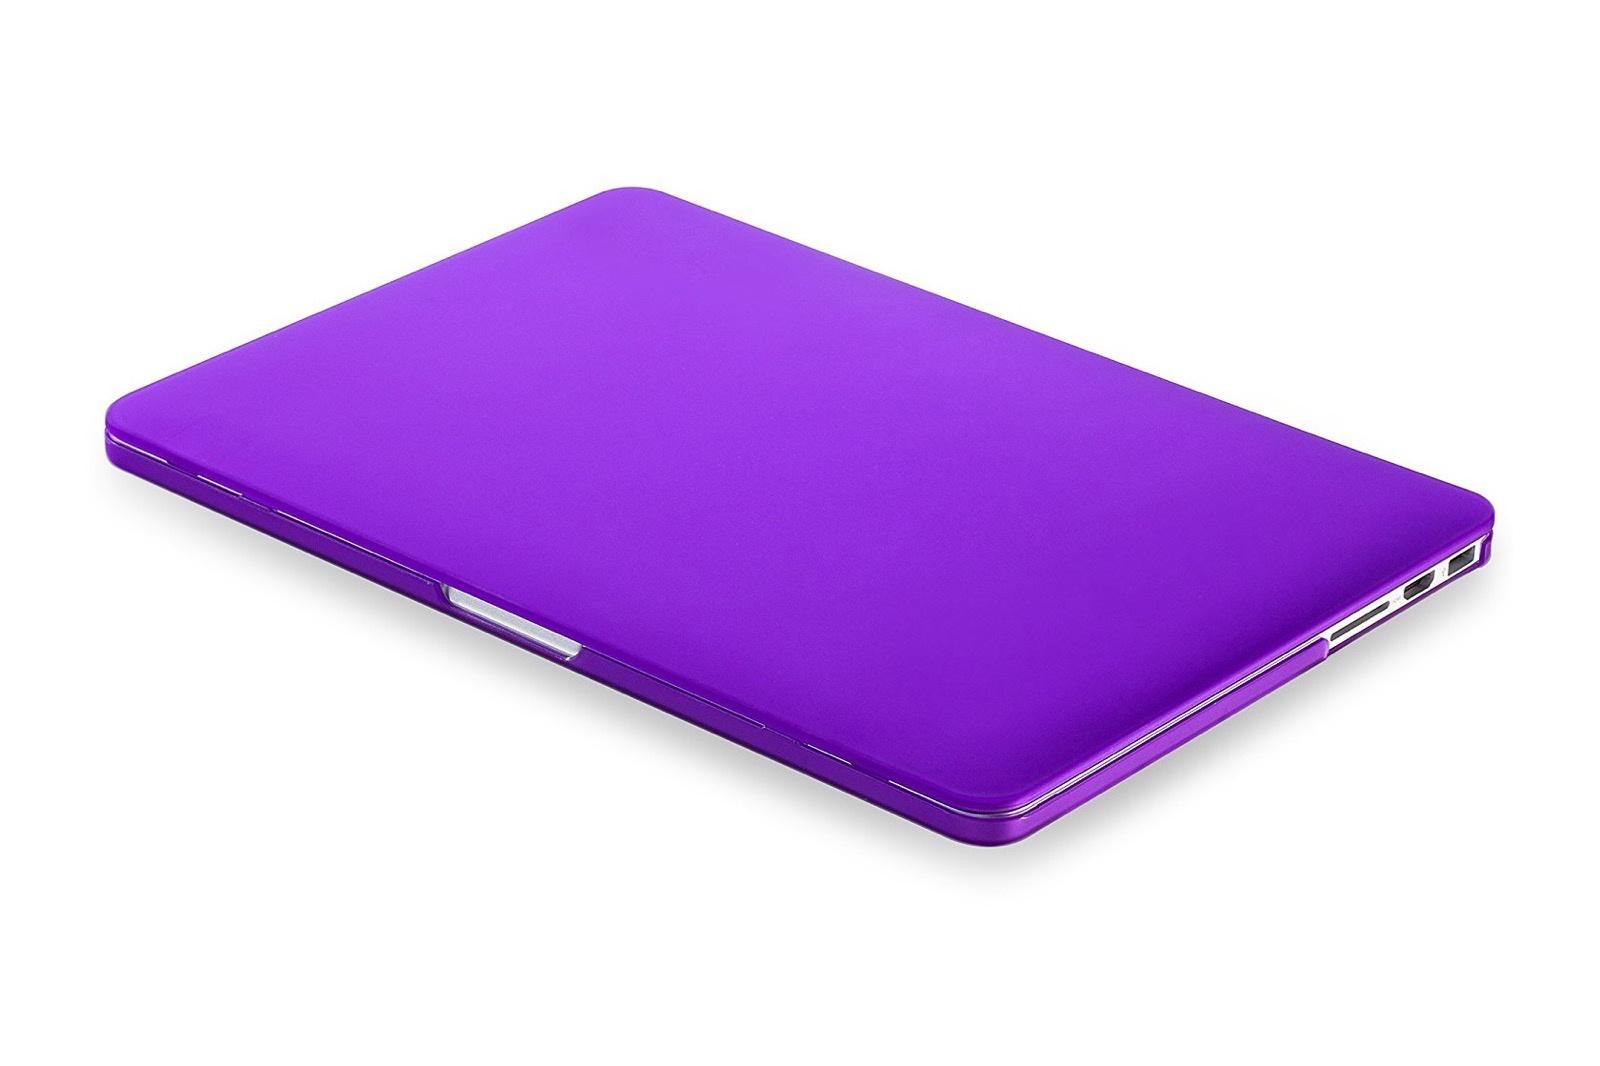 все цены на Чехол для ноутбука Gurdini накладка пластик матовый 220108 для Apple MacBook Retina 13